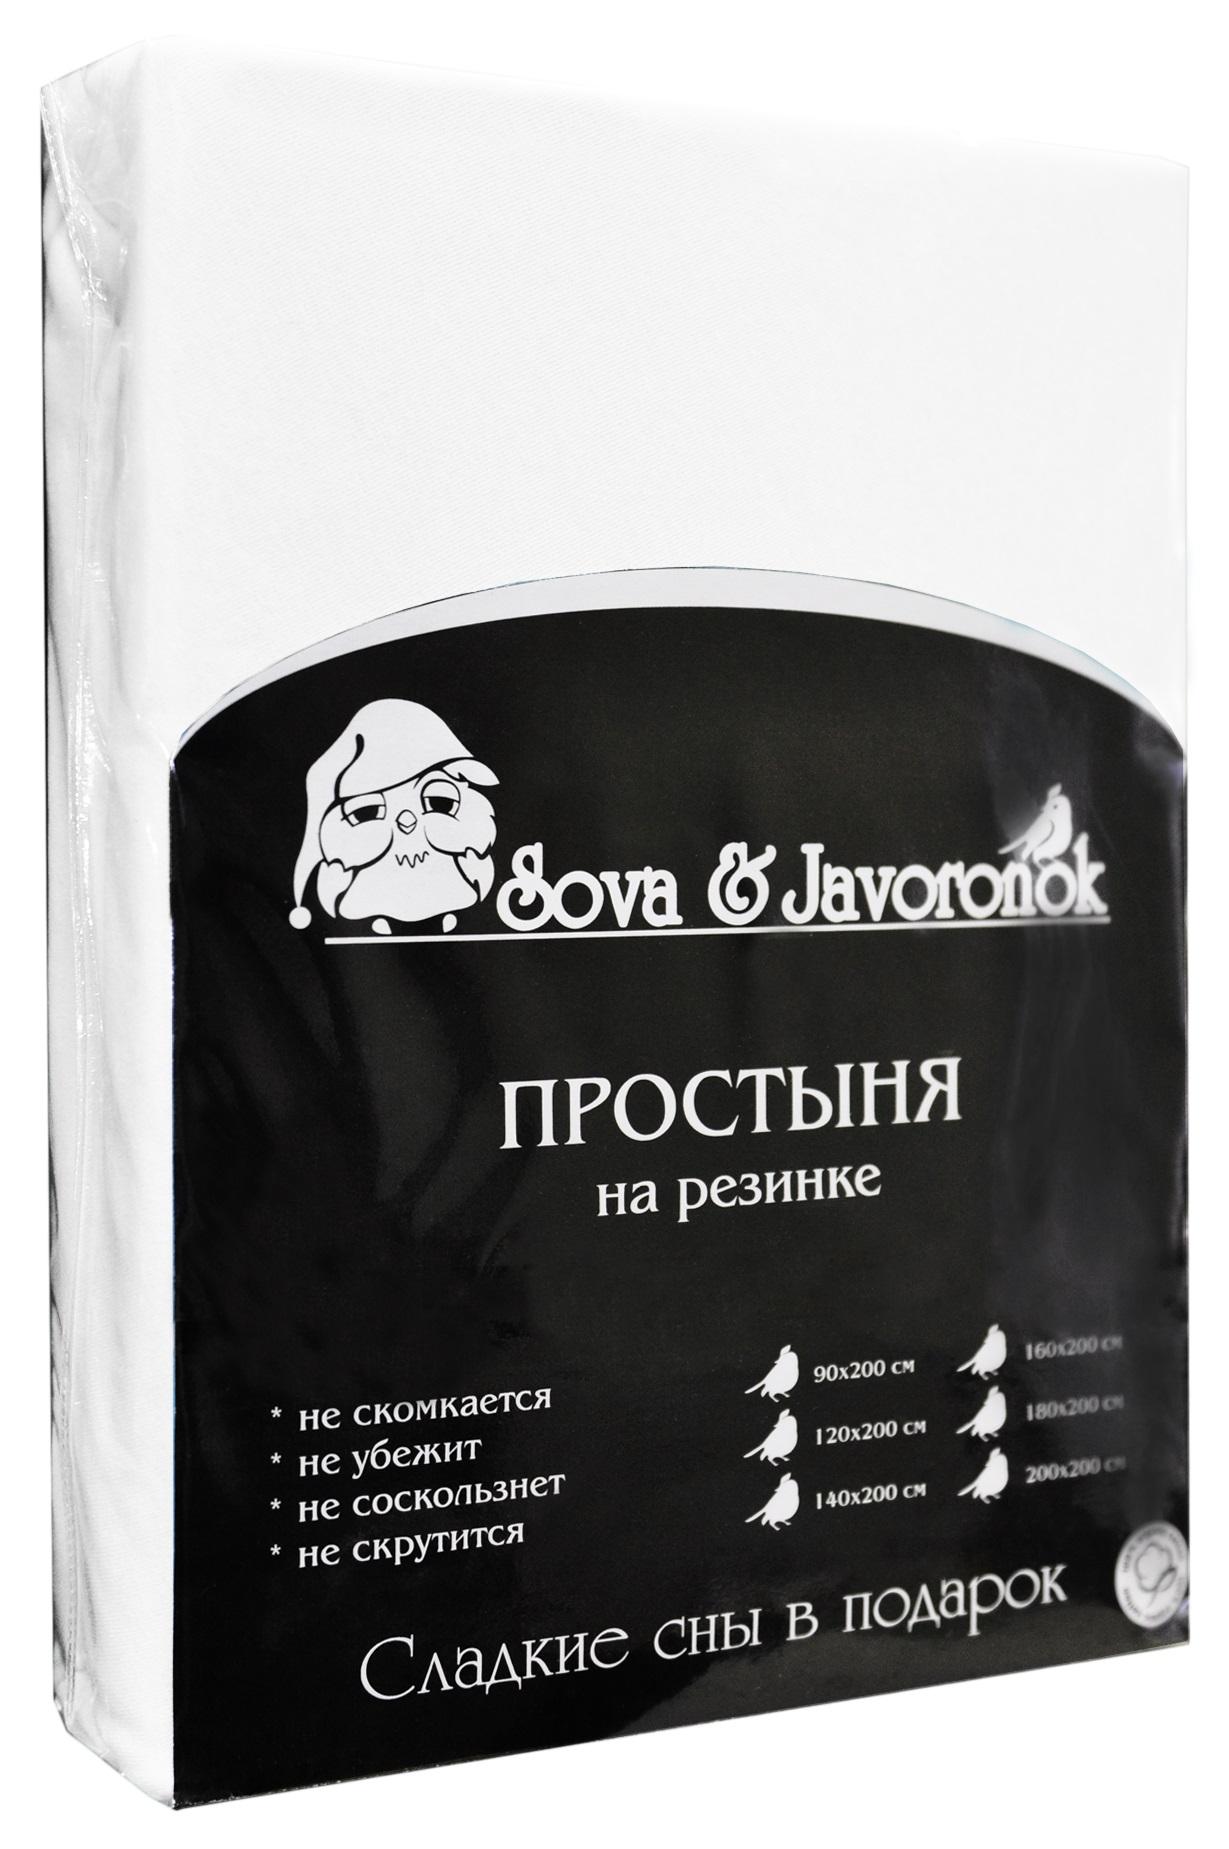 Простыня на резинке Sova & Javoronok, цвет: белый, 180 х 200 см0803113930Простыня на резинке Sova & Javoronok, изготовленная из трикотажной ткани (100% хлопок), будет превосходно смотреться с любыми комплектами белья. Хлопчатобумажный трикотаж по праву считается одним из самых качественных, прочных и при этом приятных на ощупь. Его гигиеничность позволяет использовать простыню и в детских комнатах, к тому же 100%-ый хлопок в составе ткани не вызовет аллергии. У трикотажного полотна очень интересная структура, немного рыхлая за счет отсутствия плотного переплетения нитей и наличия особых петель, благодаря этому простыня Сова и Жаворонок отлично пропускает воздух и способствует его постоянной циркуляции. Поэтому ваша постель будет всегда оставаться свежей. Но главное и, пожалуй, самое известное свойство трикотажа - это его великолепная растяжимость, поэтому эта ткань и была выбрана для натяжной простыни на резинке.Простыня прошита резинкой по всему периметру, что обеспечивает более комфортный отдых, так как она прочно удерживается на матрасе и избавляет от необходимости часто поправлять простыню.